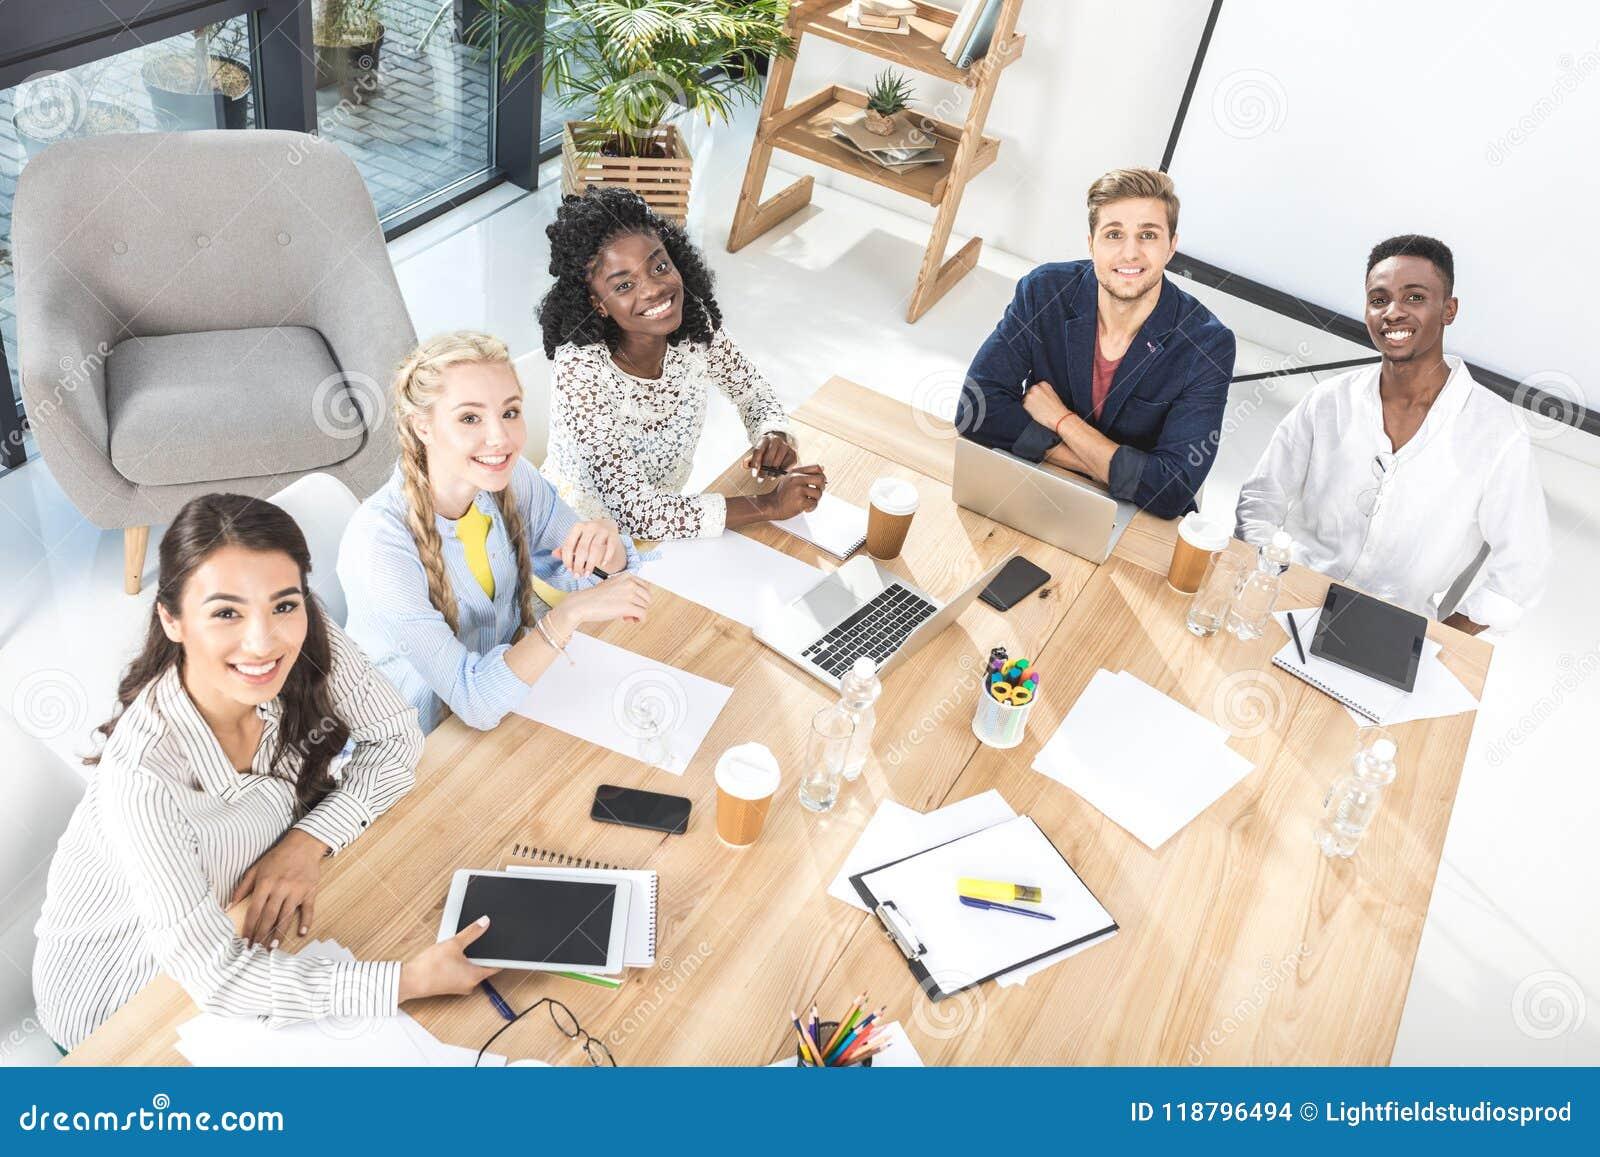 υψηλή άποψη γωνίας της πολυπολιτισμικής ομάδας επιχειρηματιών που εξετάζουν τη κάμερα καθμένος στον πίνακα